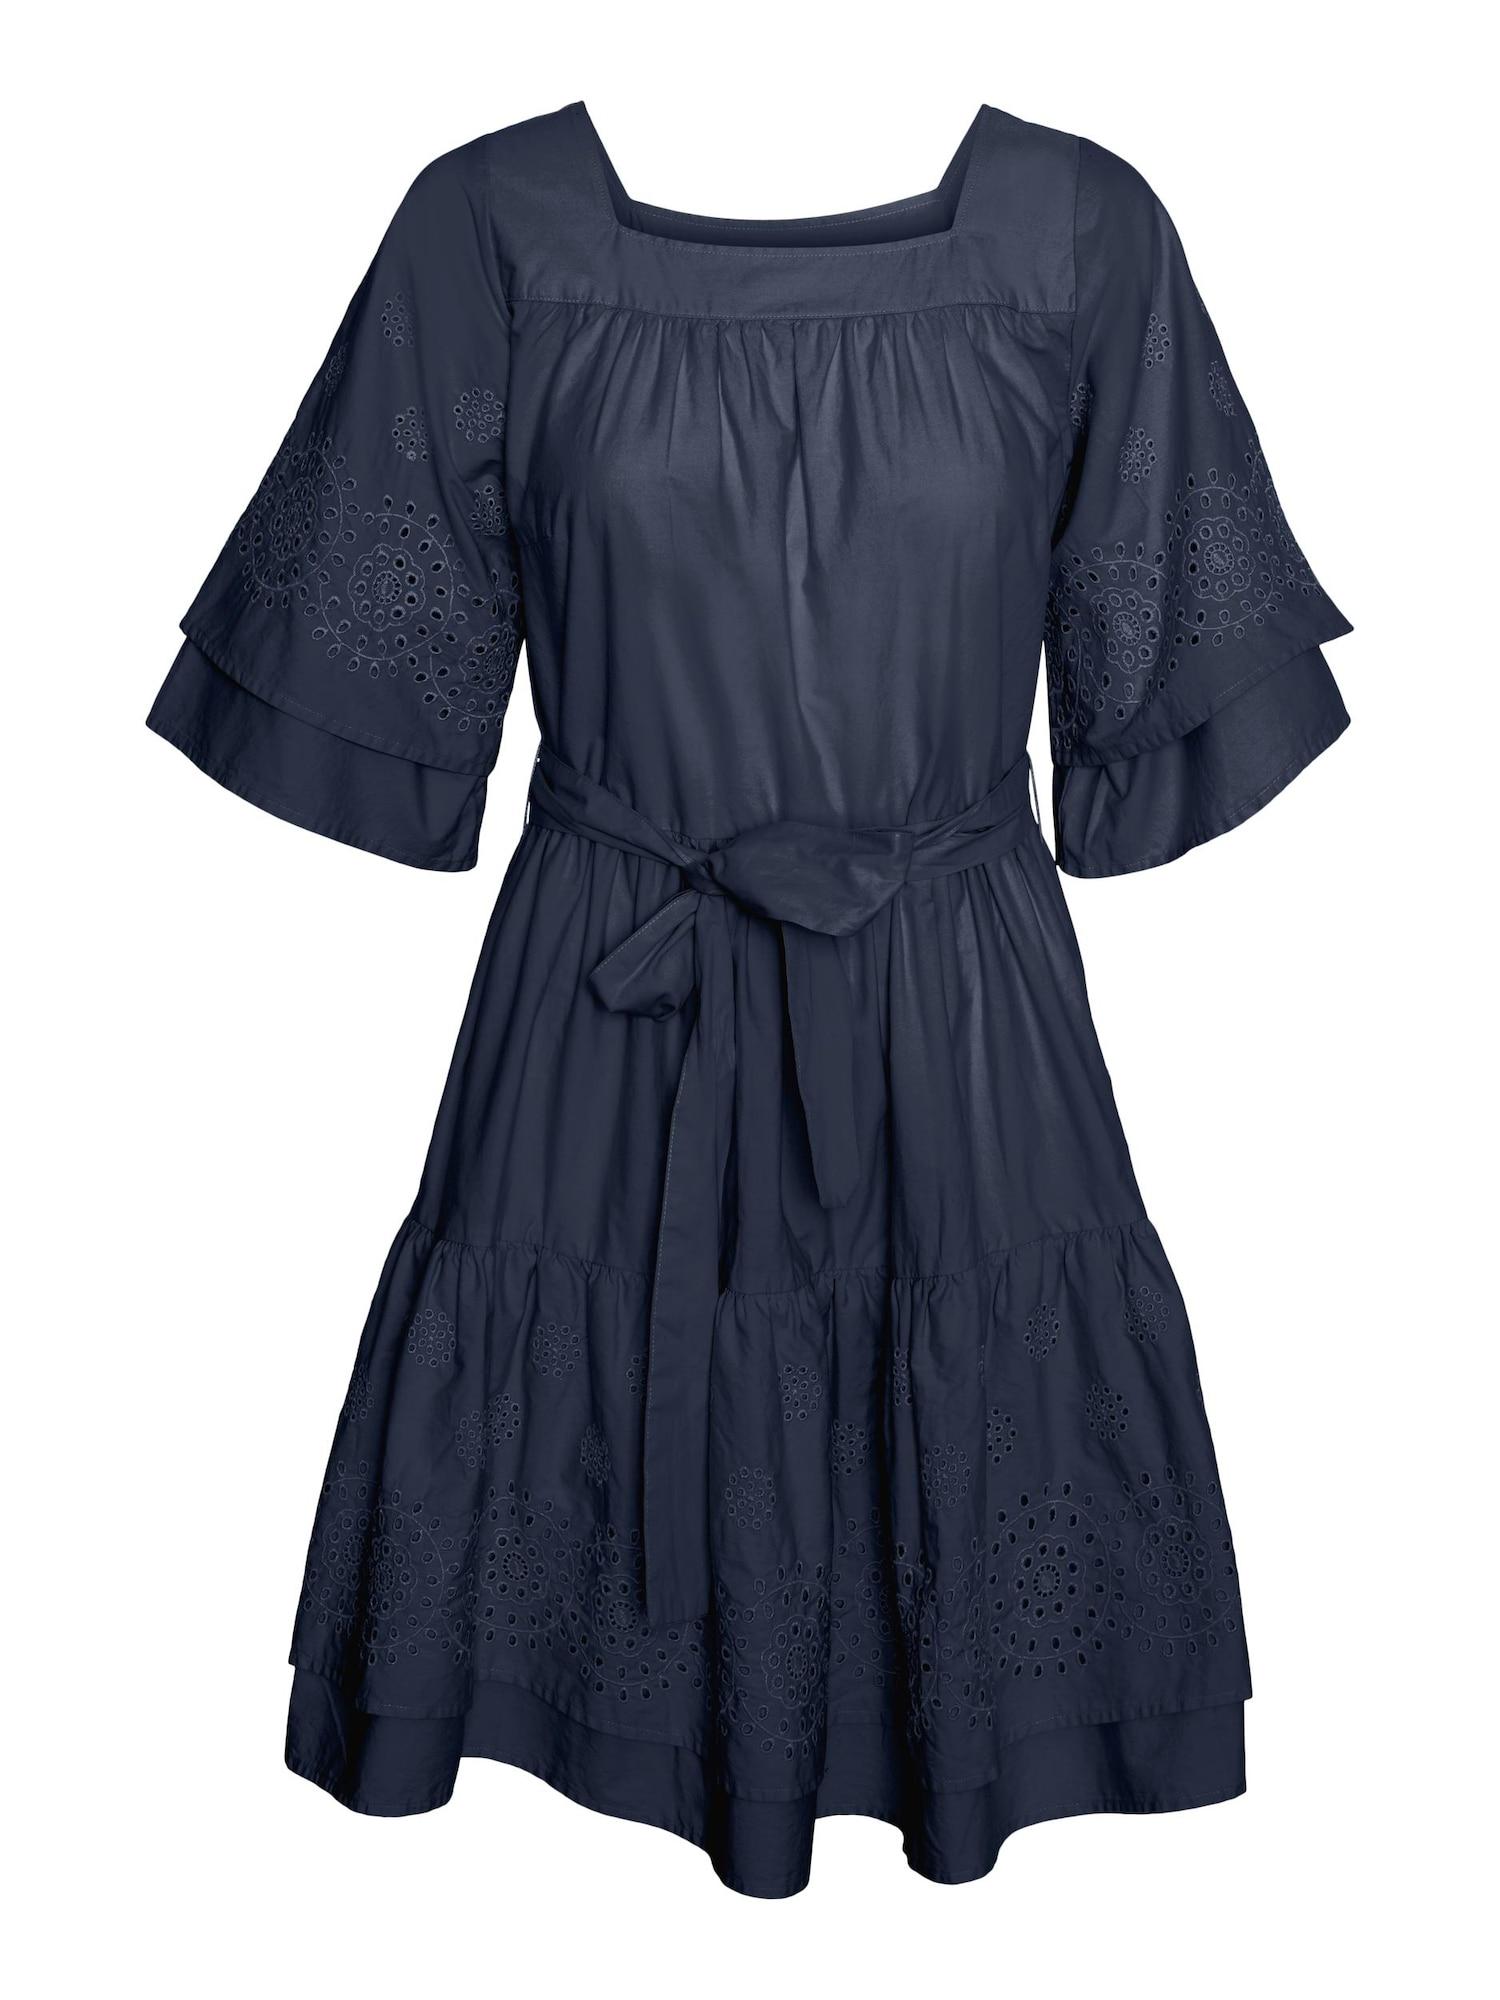 VERO MODA Šaty 'Alberte'  námořnická modř